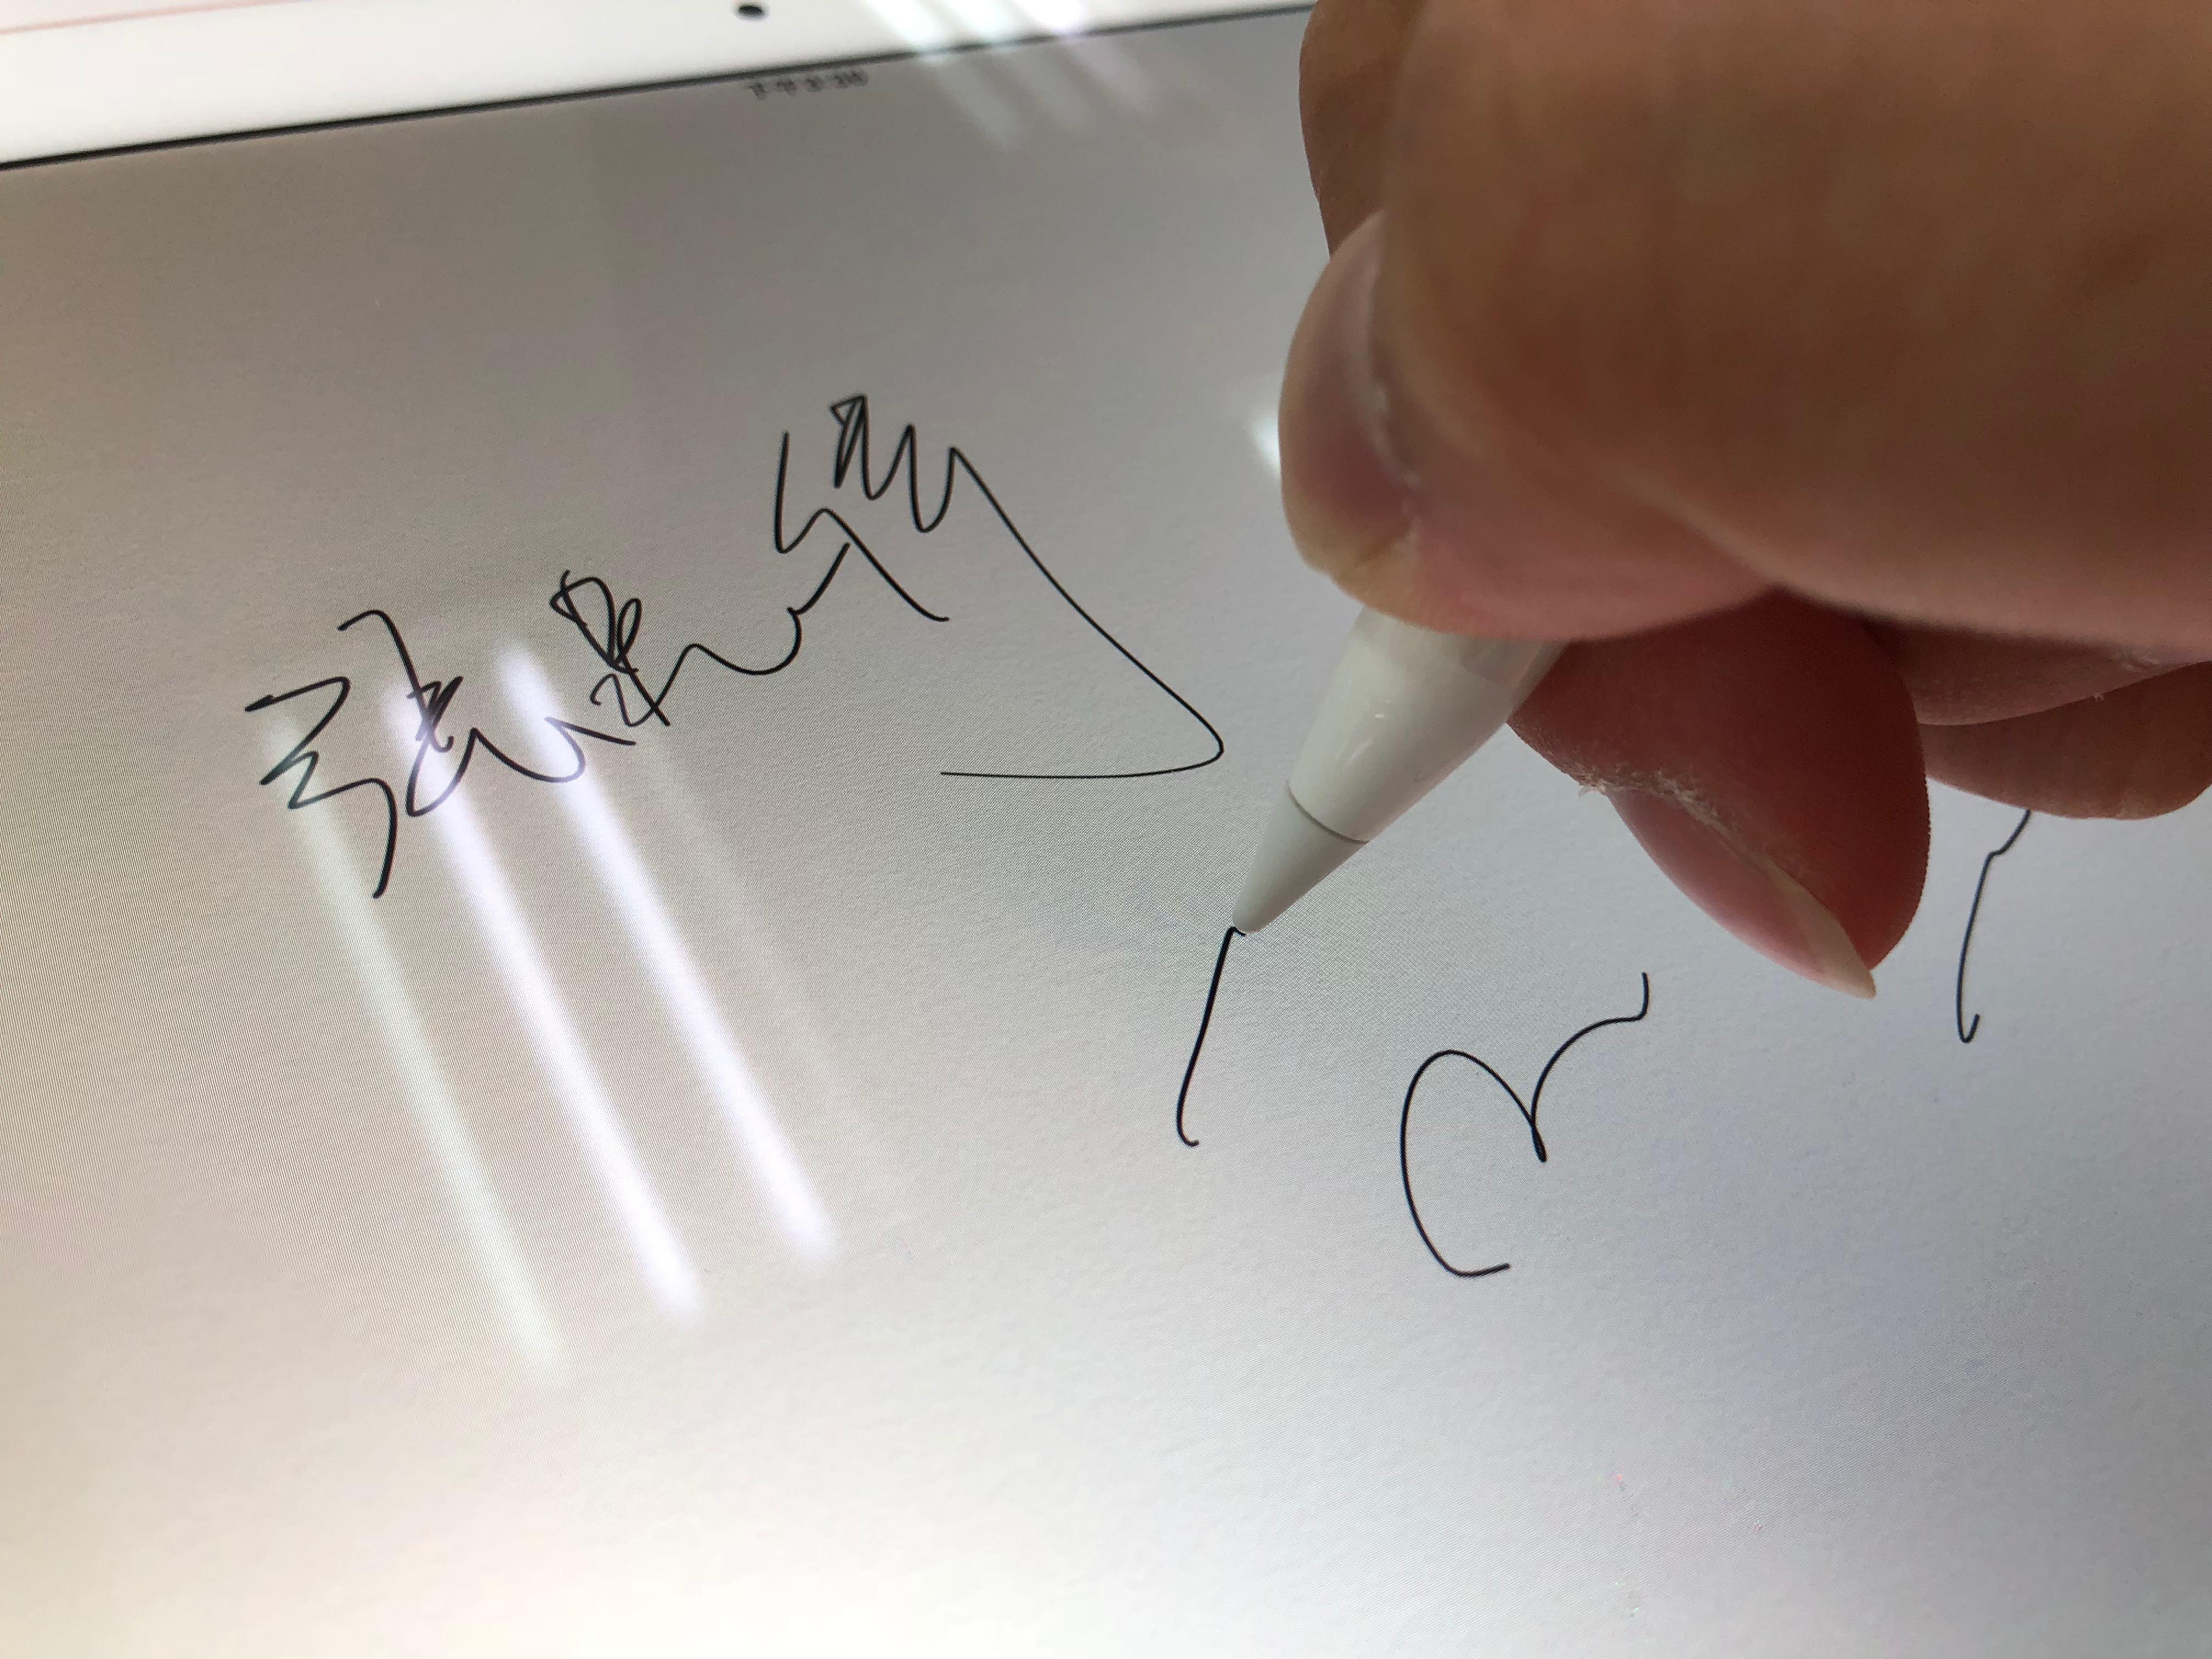 Apple Pencil 在 iPad Pro 上的使用情形